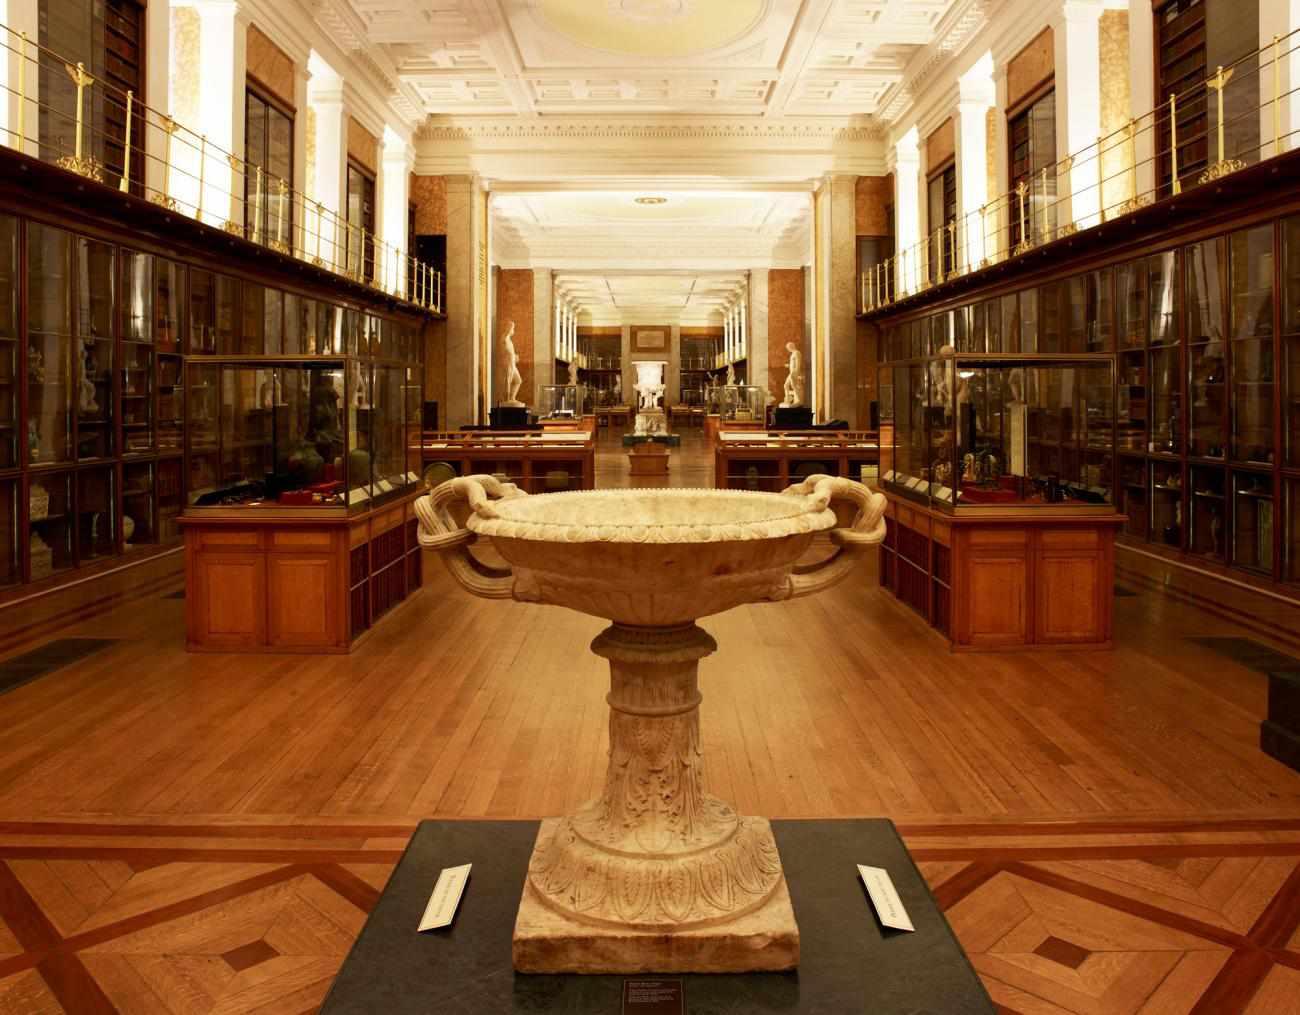 Exhibit at the British Museum